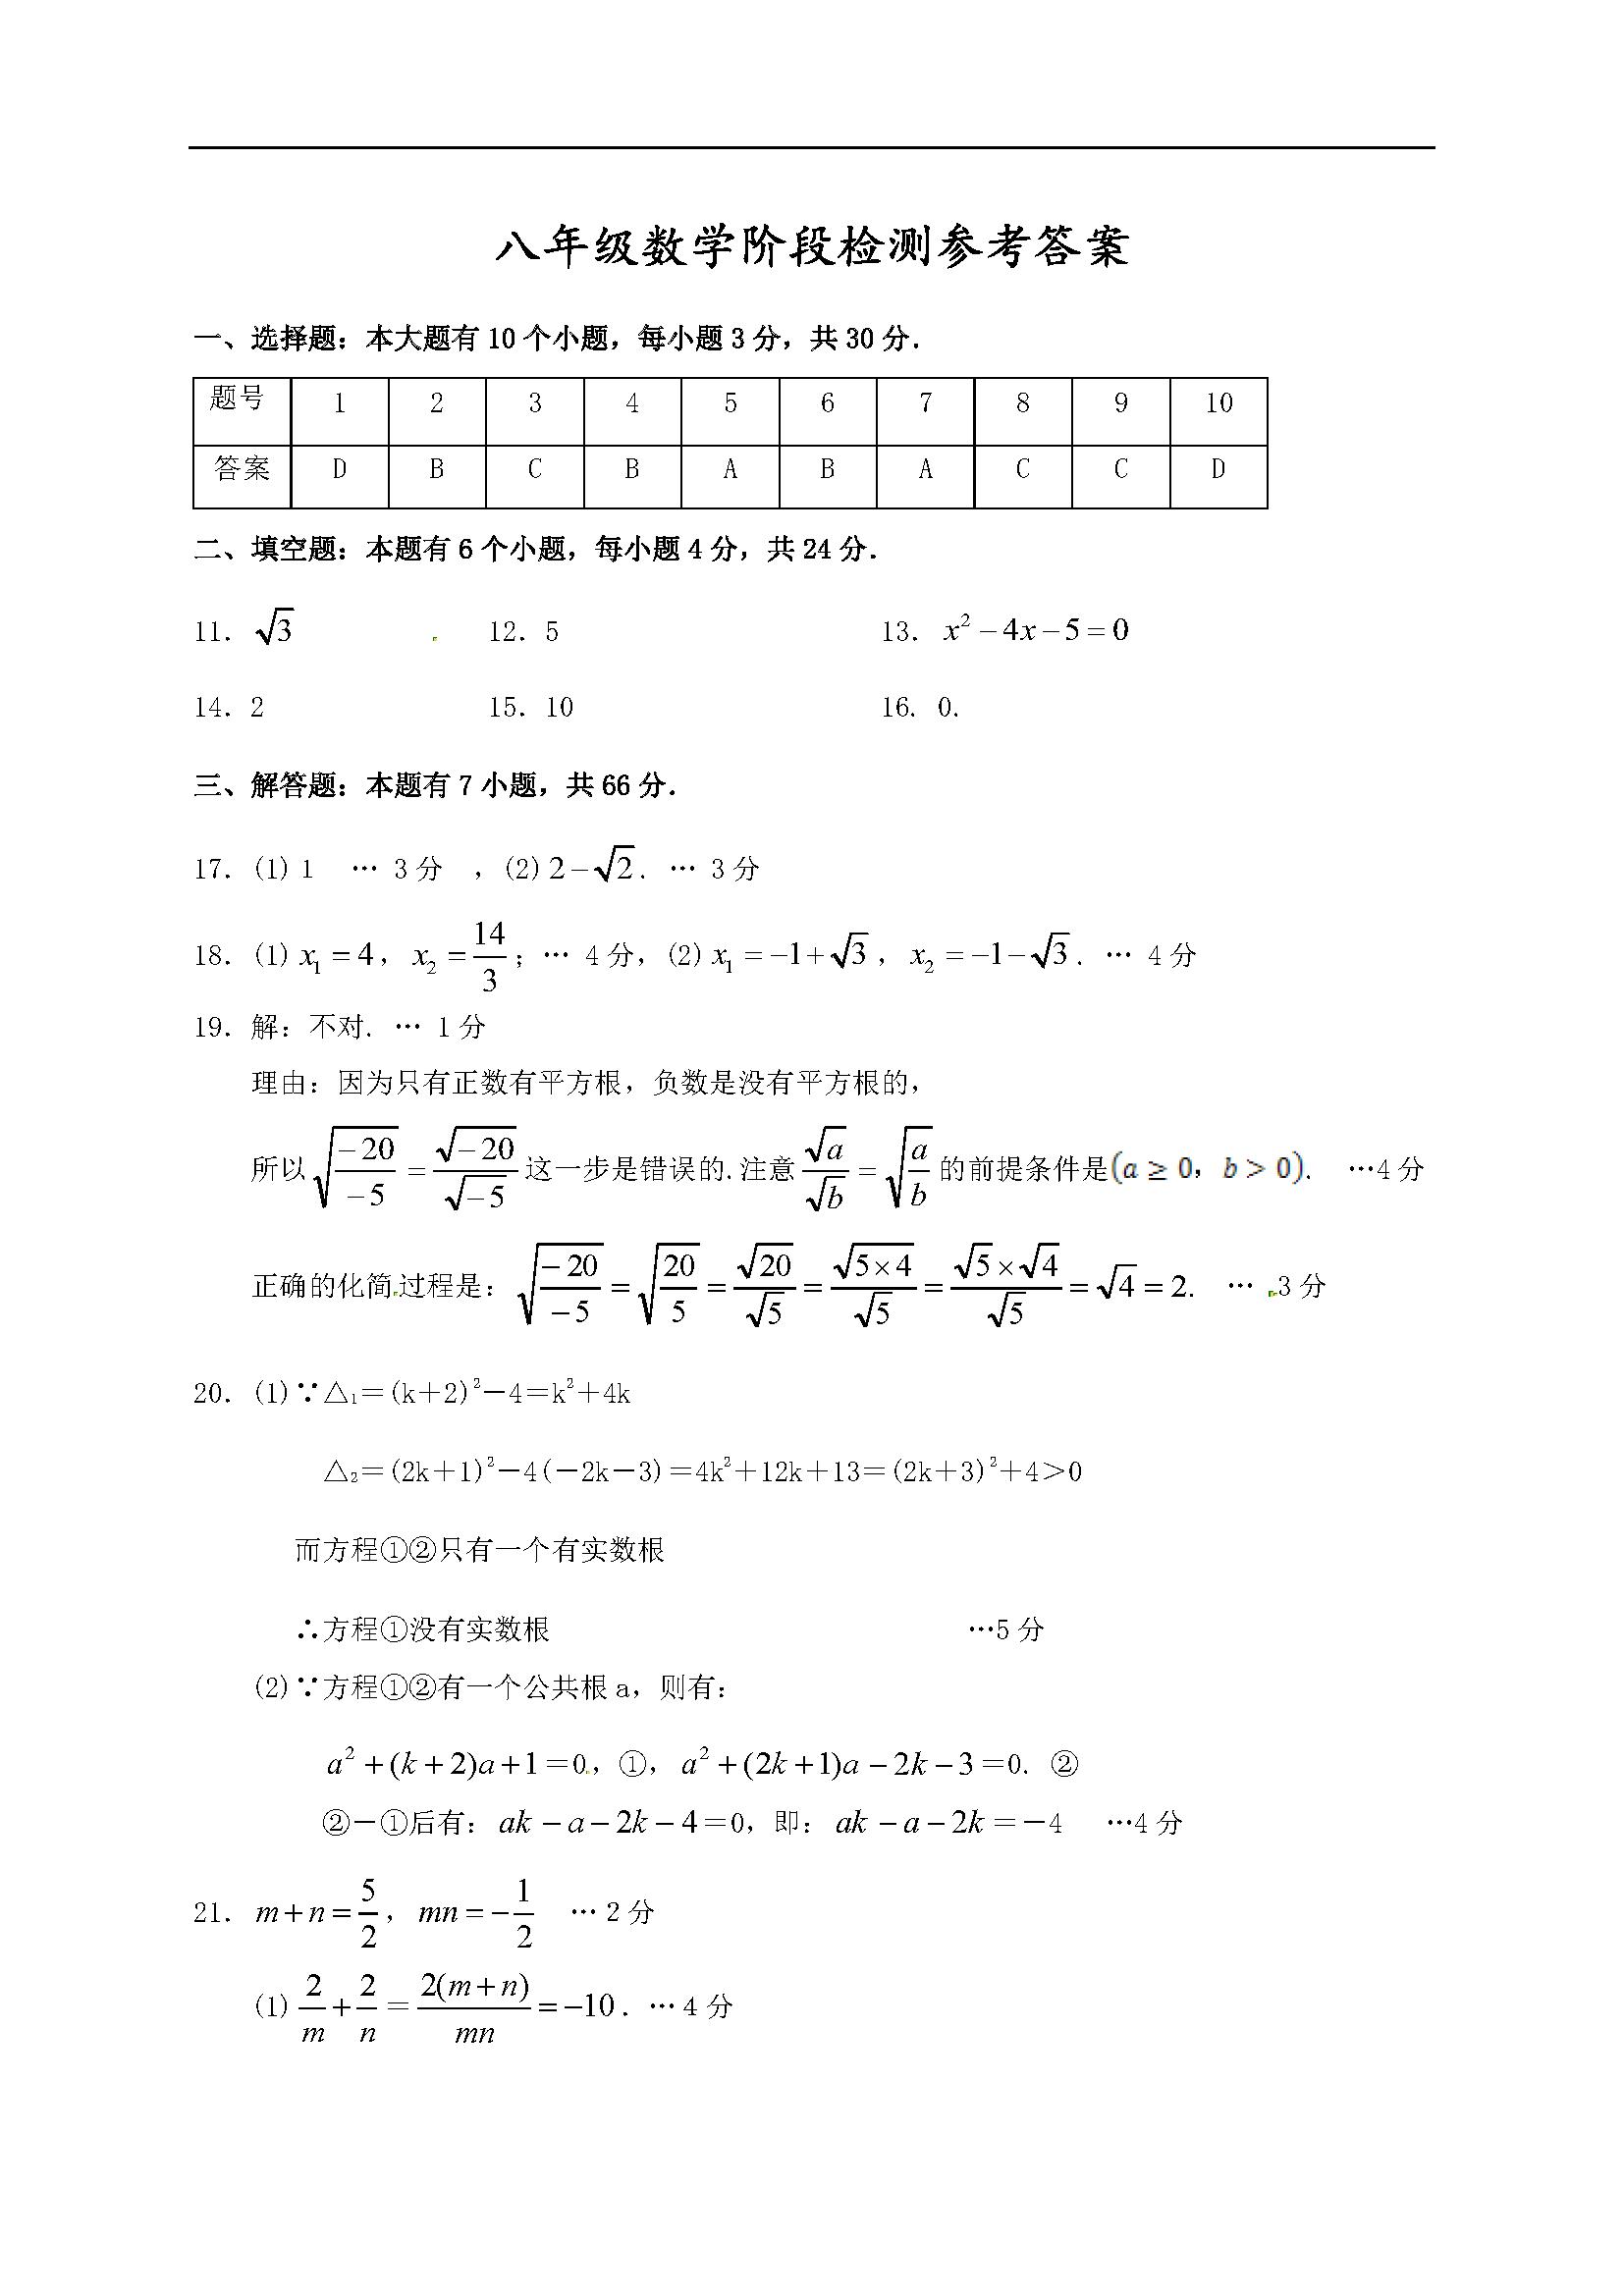 2017浙江杭州萧山戴村片八年级3月月考数学试题答案(Word版)